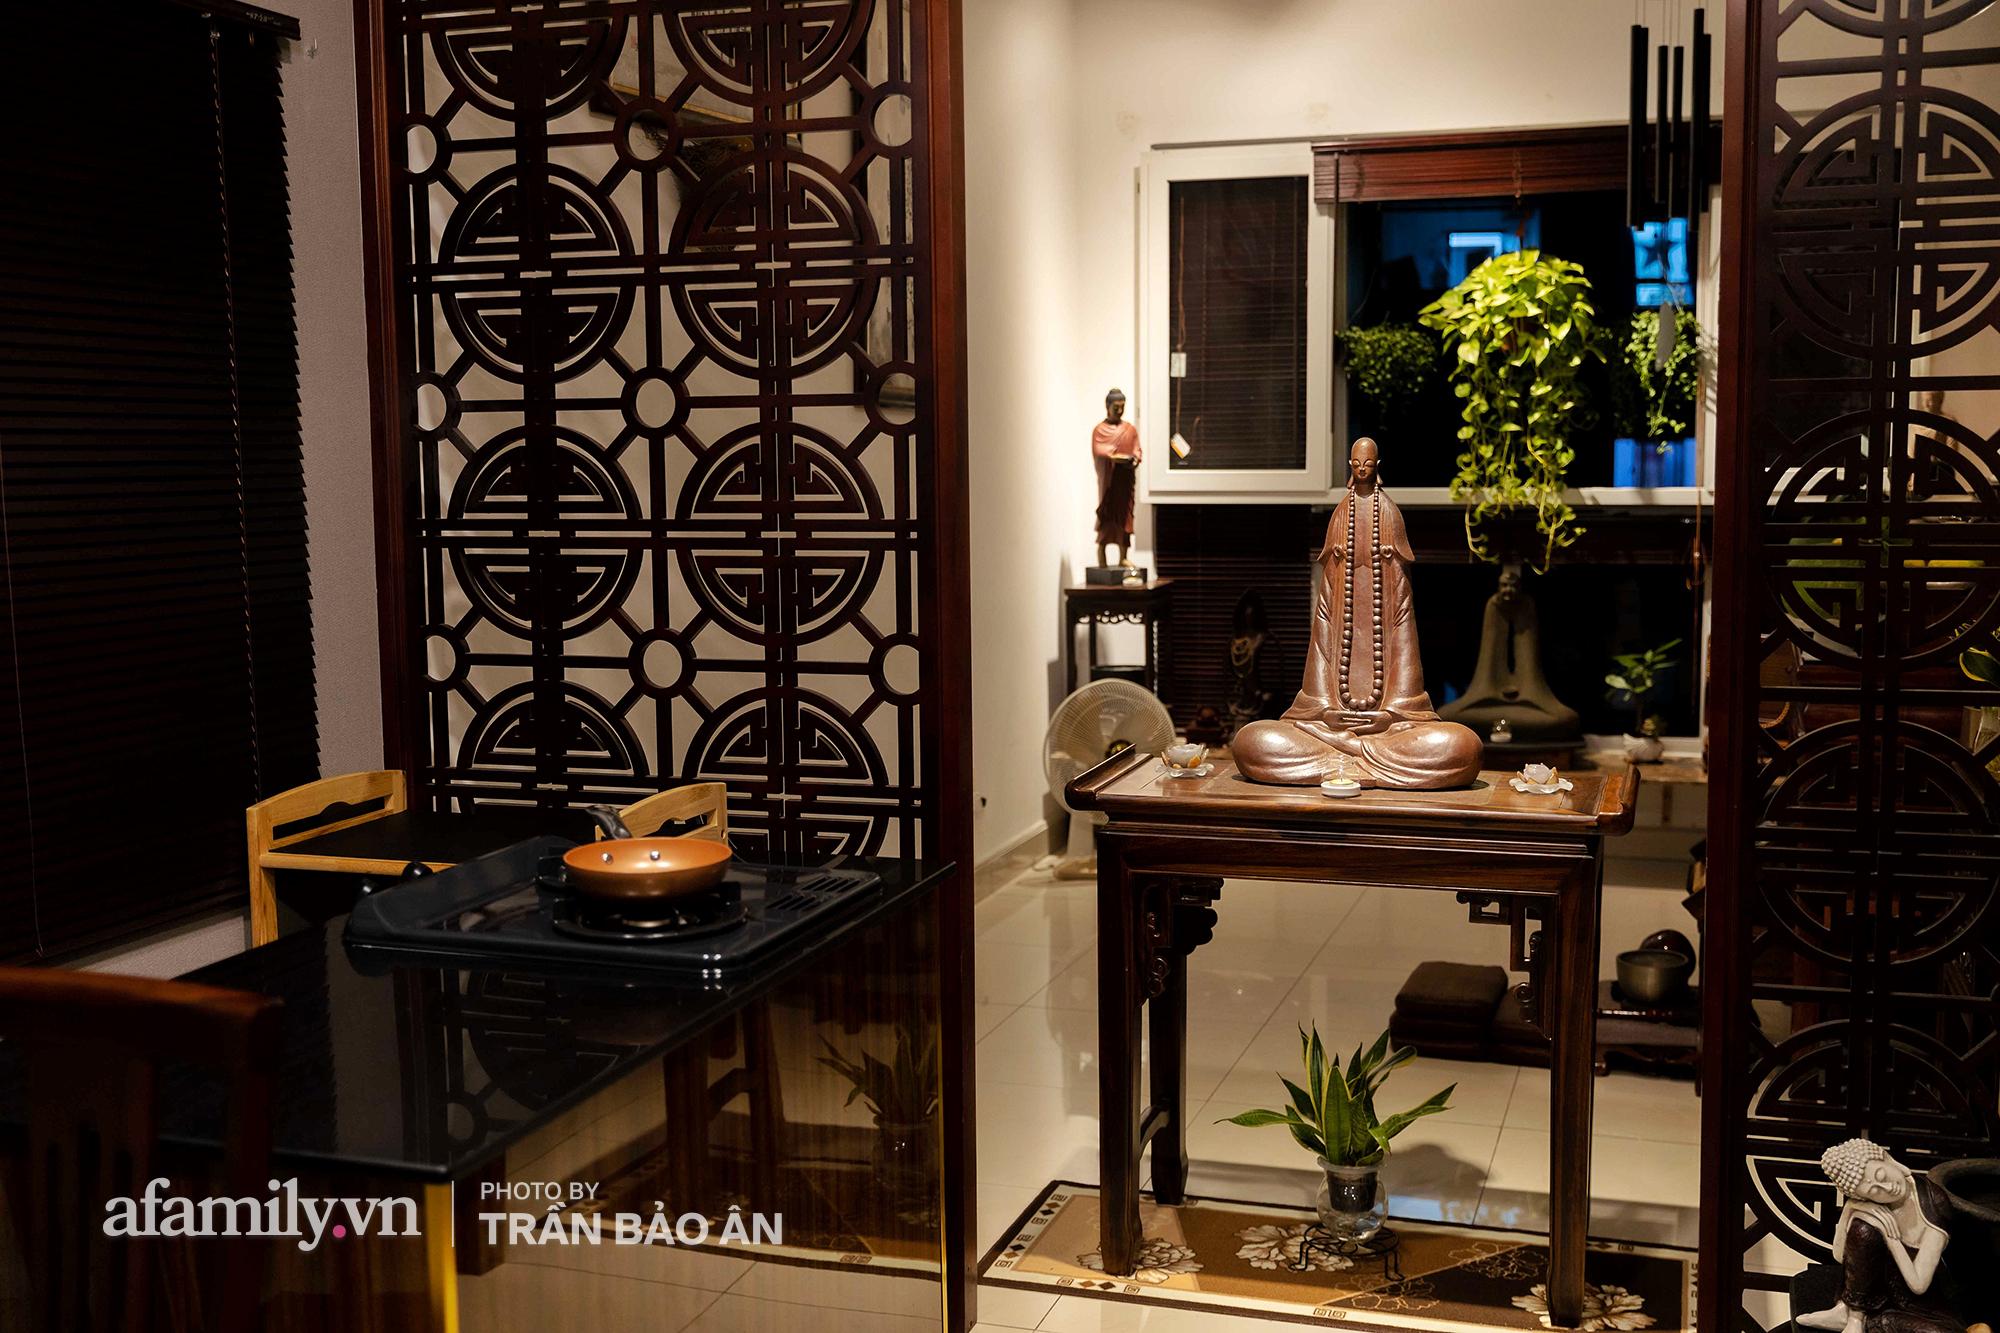 Những hình ảnh hiếm hoi tại nhà của Nghệ nhân ẩm thực Nguyễn Dzoãn Cẩm Vân kể từ khi xuất gia và bữa cơm chay do đích thân cô xuống bếp thiết đãi - Ảnh 5.